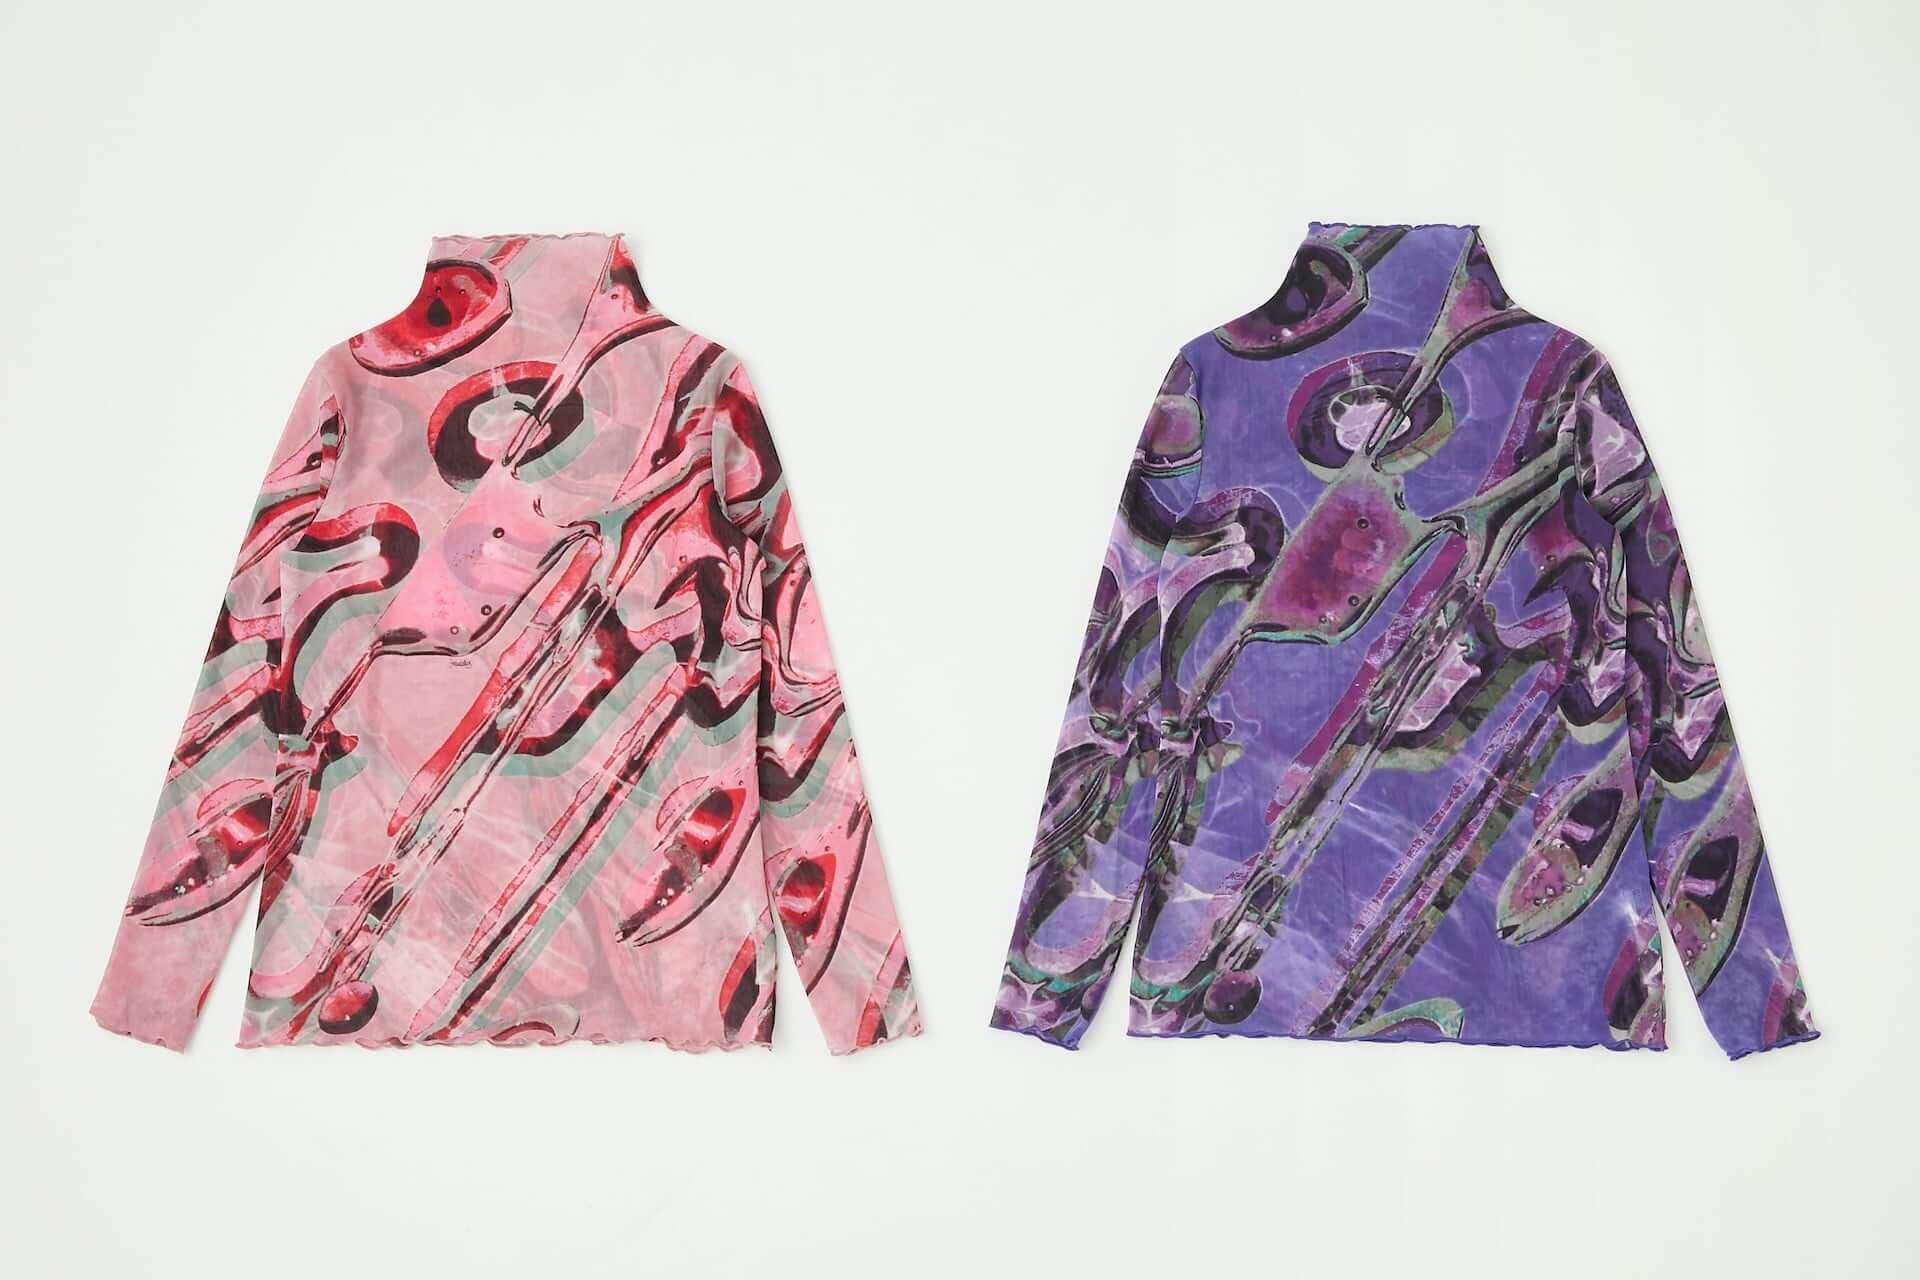 PUMAとSLYがサステナブルなコラボスニーカー、ジャケット、スカートなどを発売!グラフィックアーティスト・河野未彩を迎えたアイテムも lf200914_puma_9-1920x1280